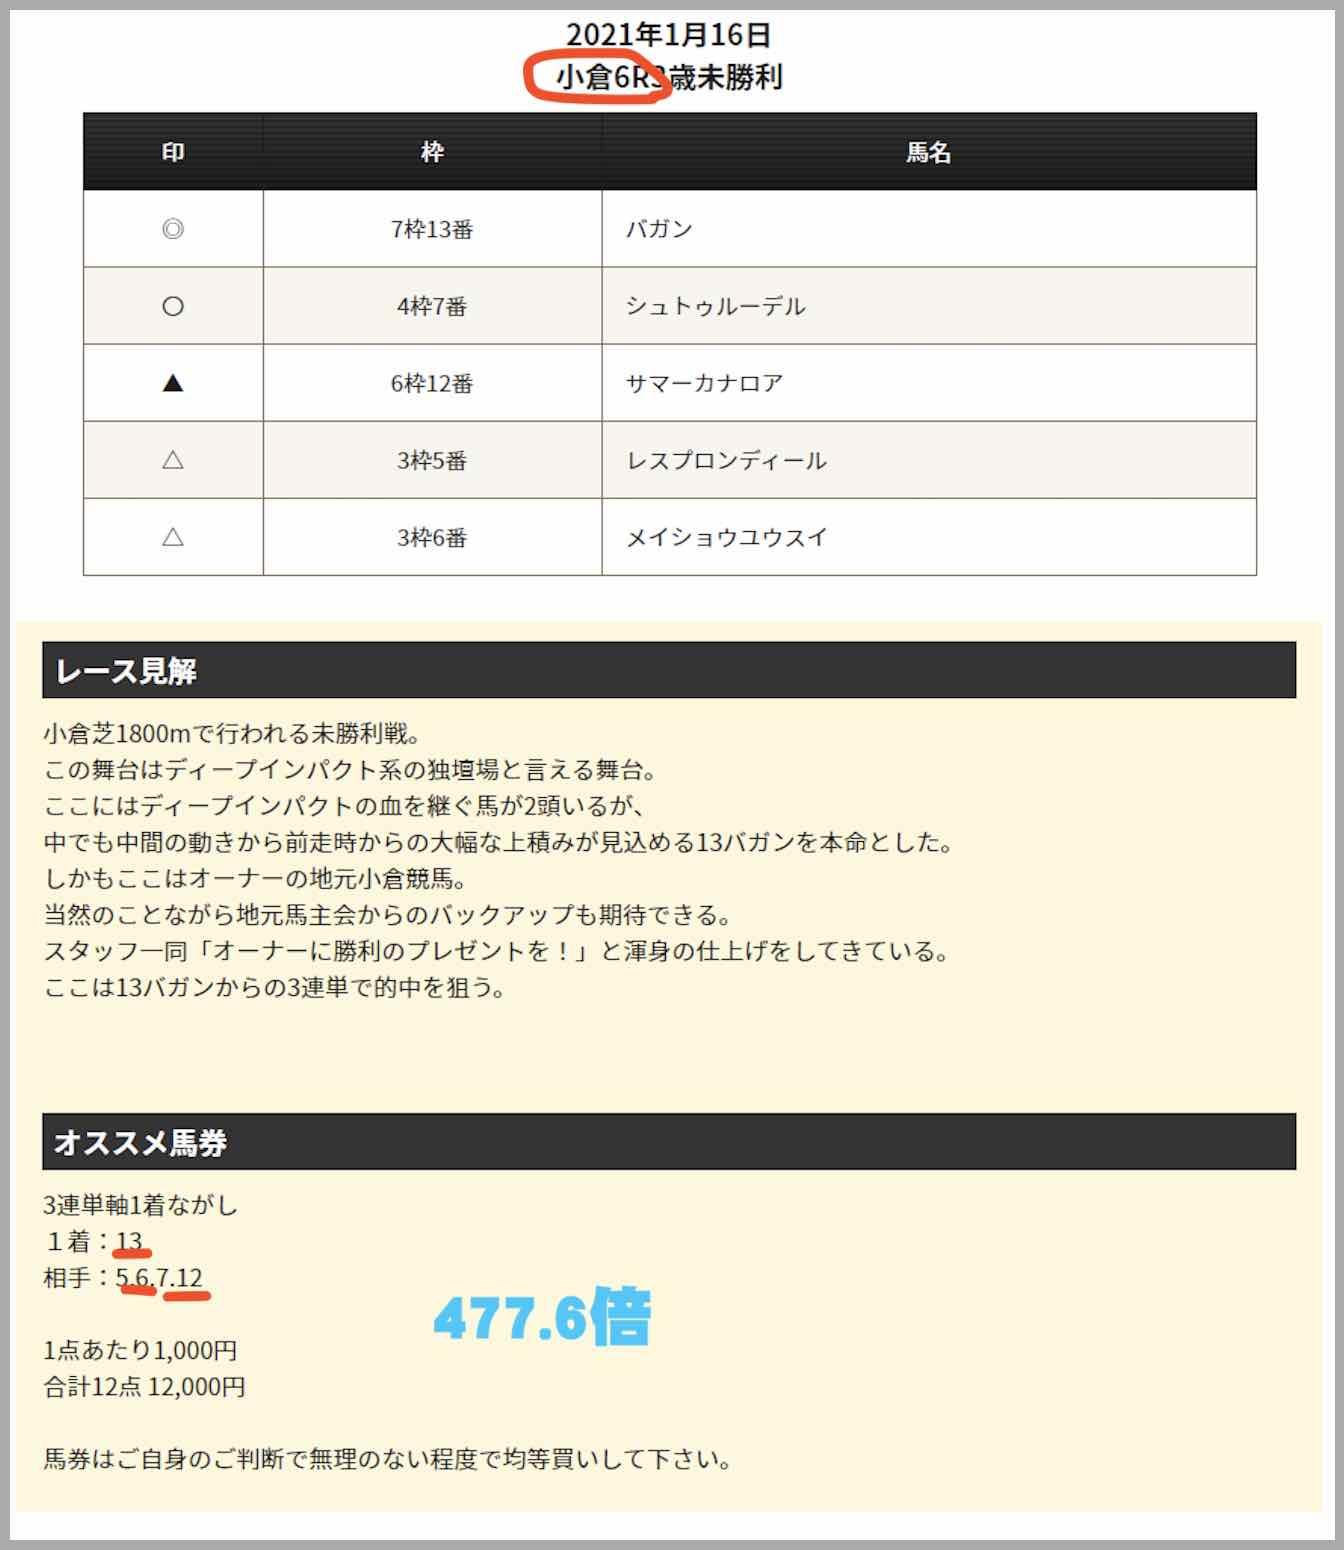 血統シックス(血統6)と言う競馬予想サイトで提供された的中した買い目